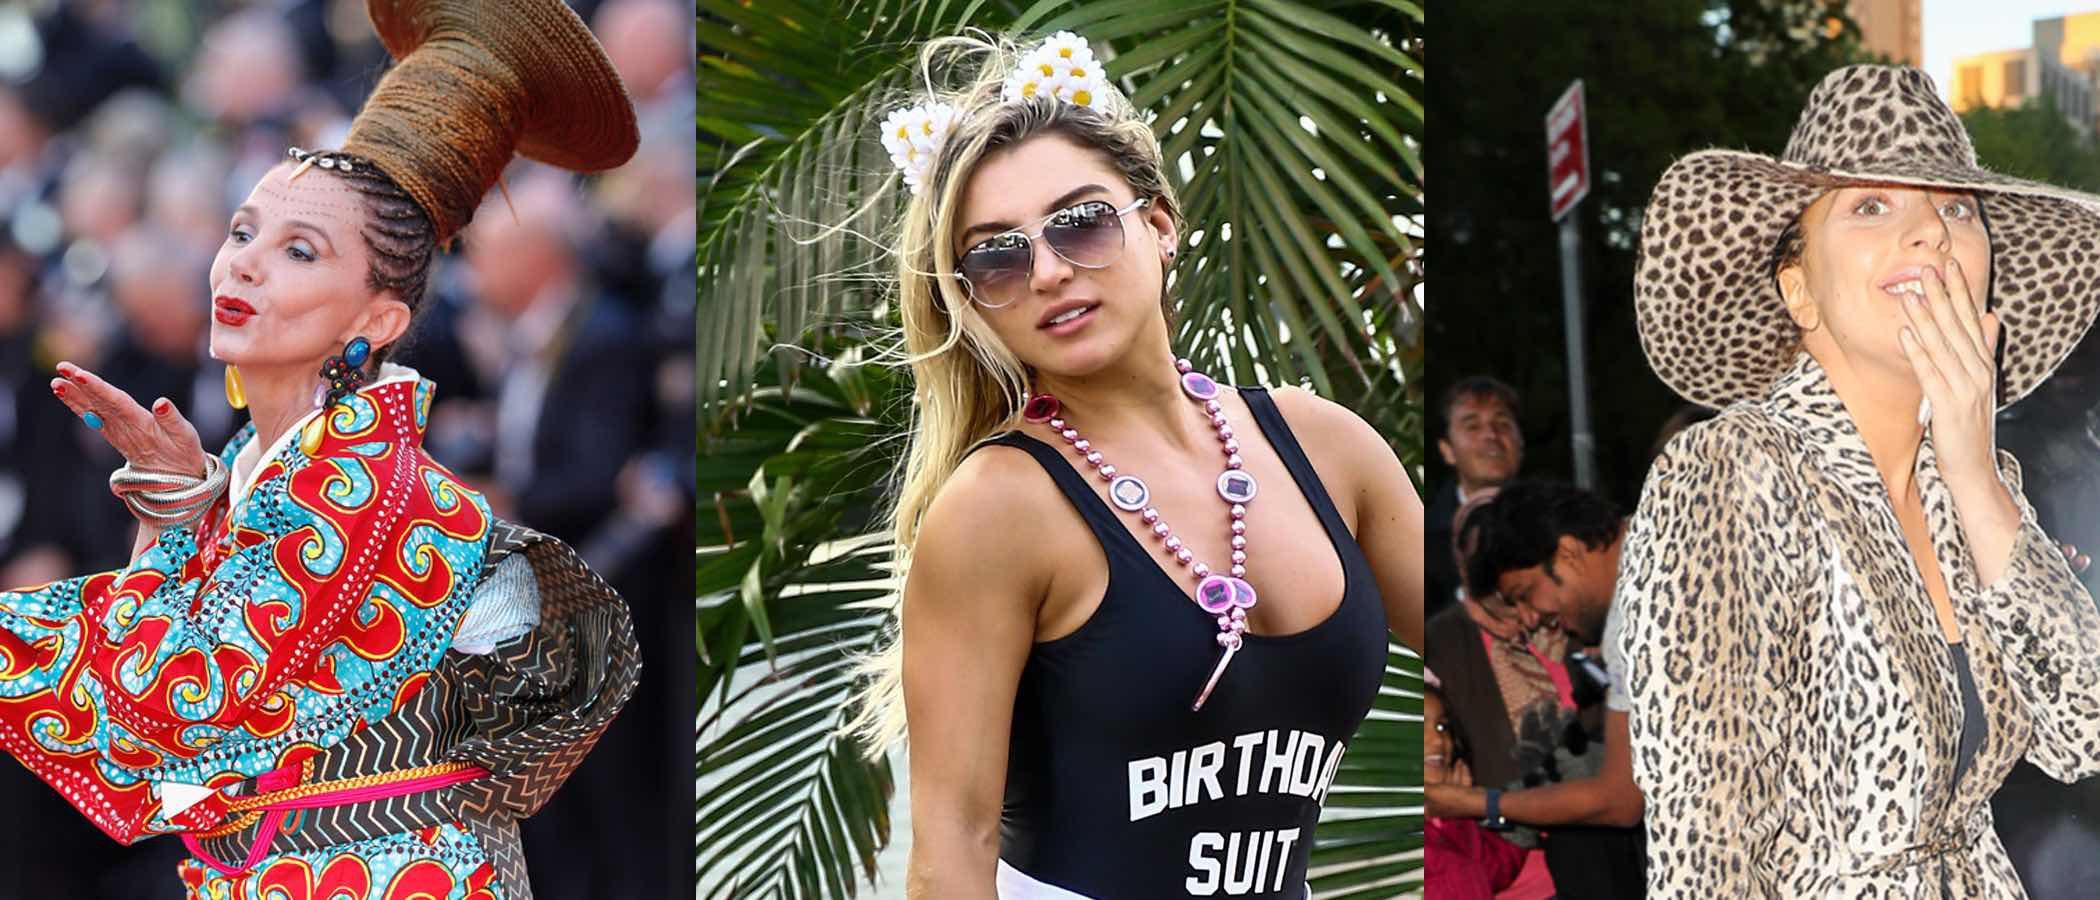 Victoria Abril y Lady Gaga, entre los peores beauty looks de la semana